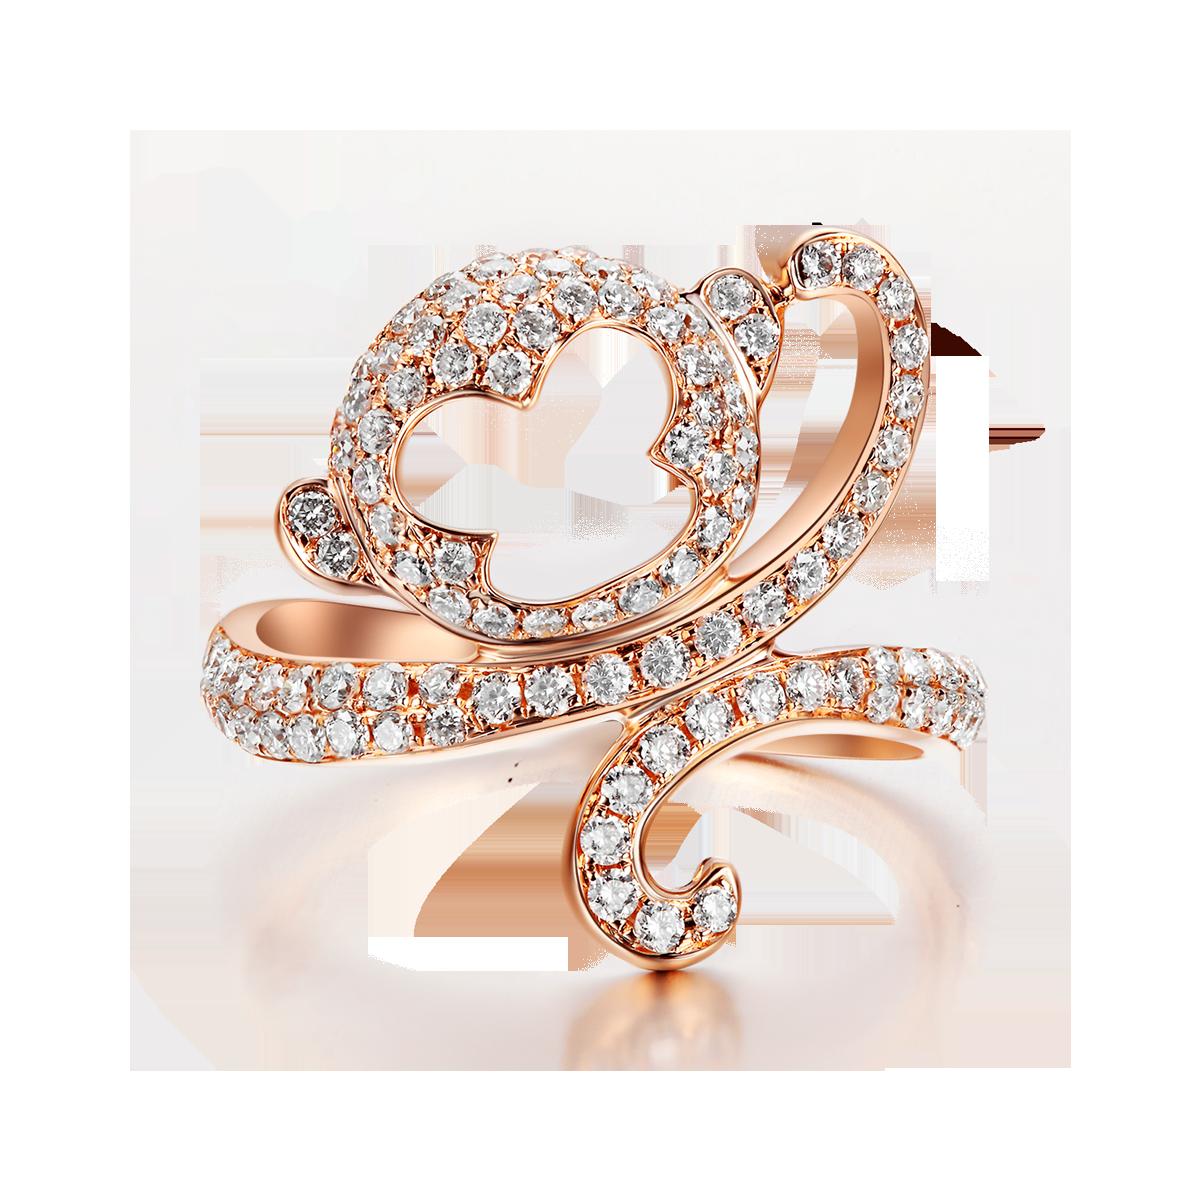 天然白鑽彌猴戒指 LDTSR0163